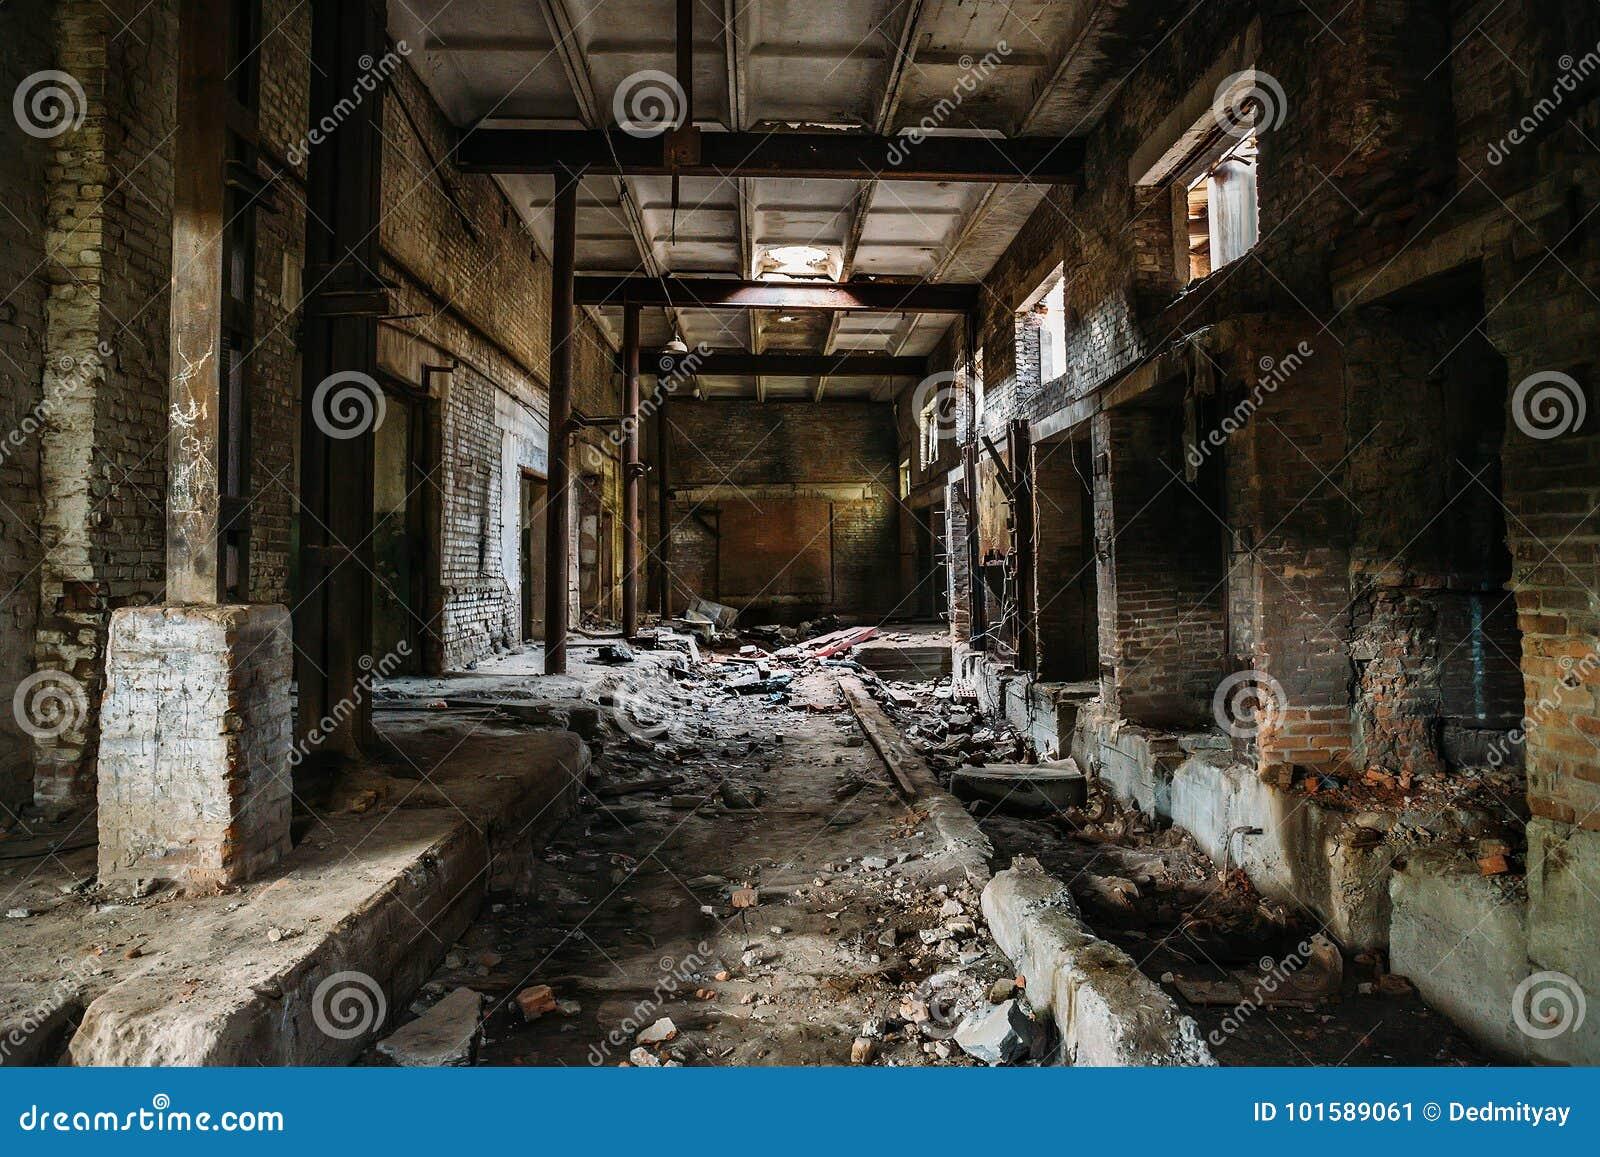 Pasillo asustadizo oscuro en la fábrica arruinada industrial abandonada del ladrillo, interior espeluznante, perspectiva